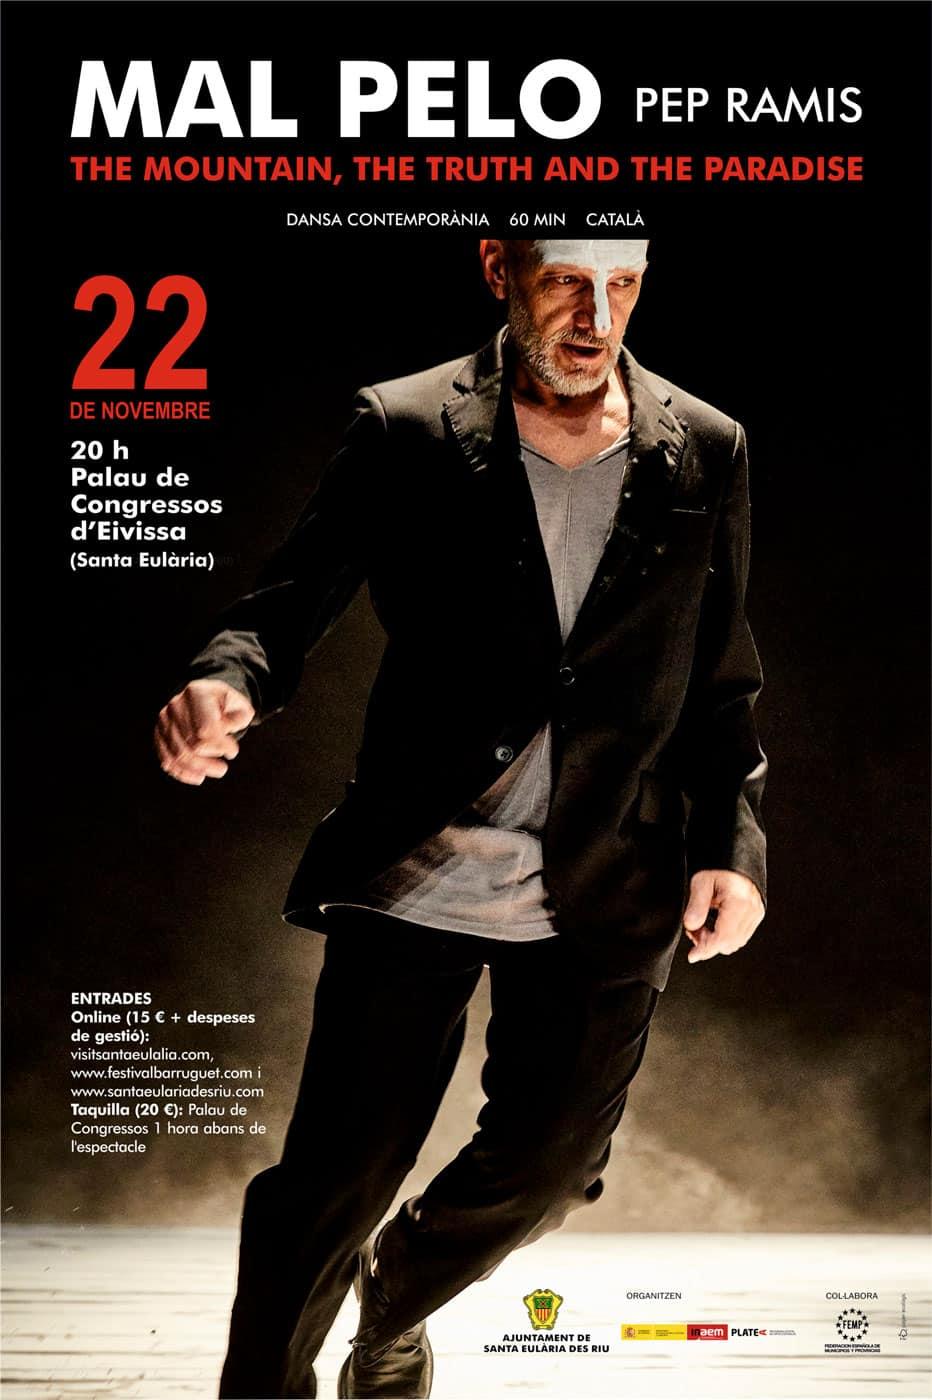 Tanz-Bad-Hair-Pep-Ramis-Palast-der-Kongresse-Ibiza-2020-Welcometoibiza